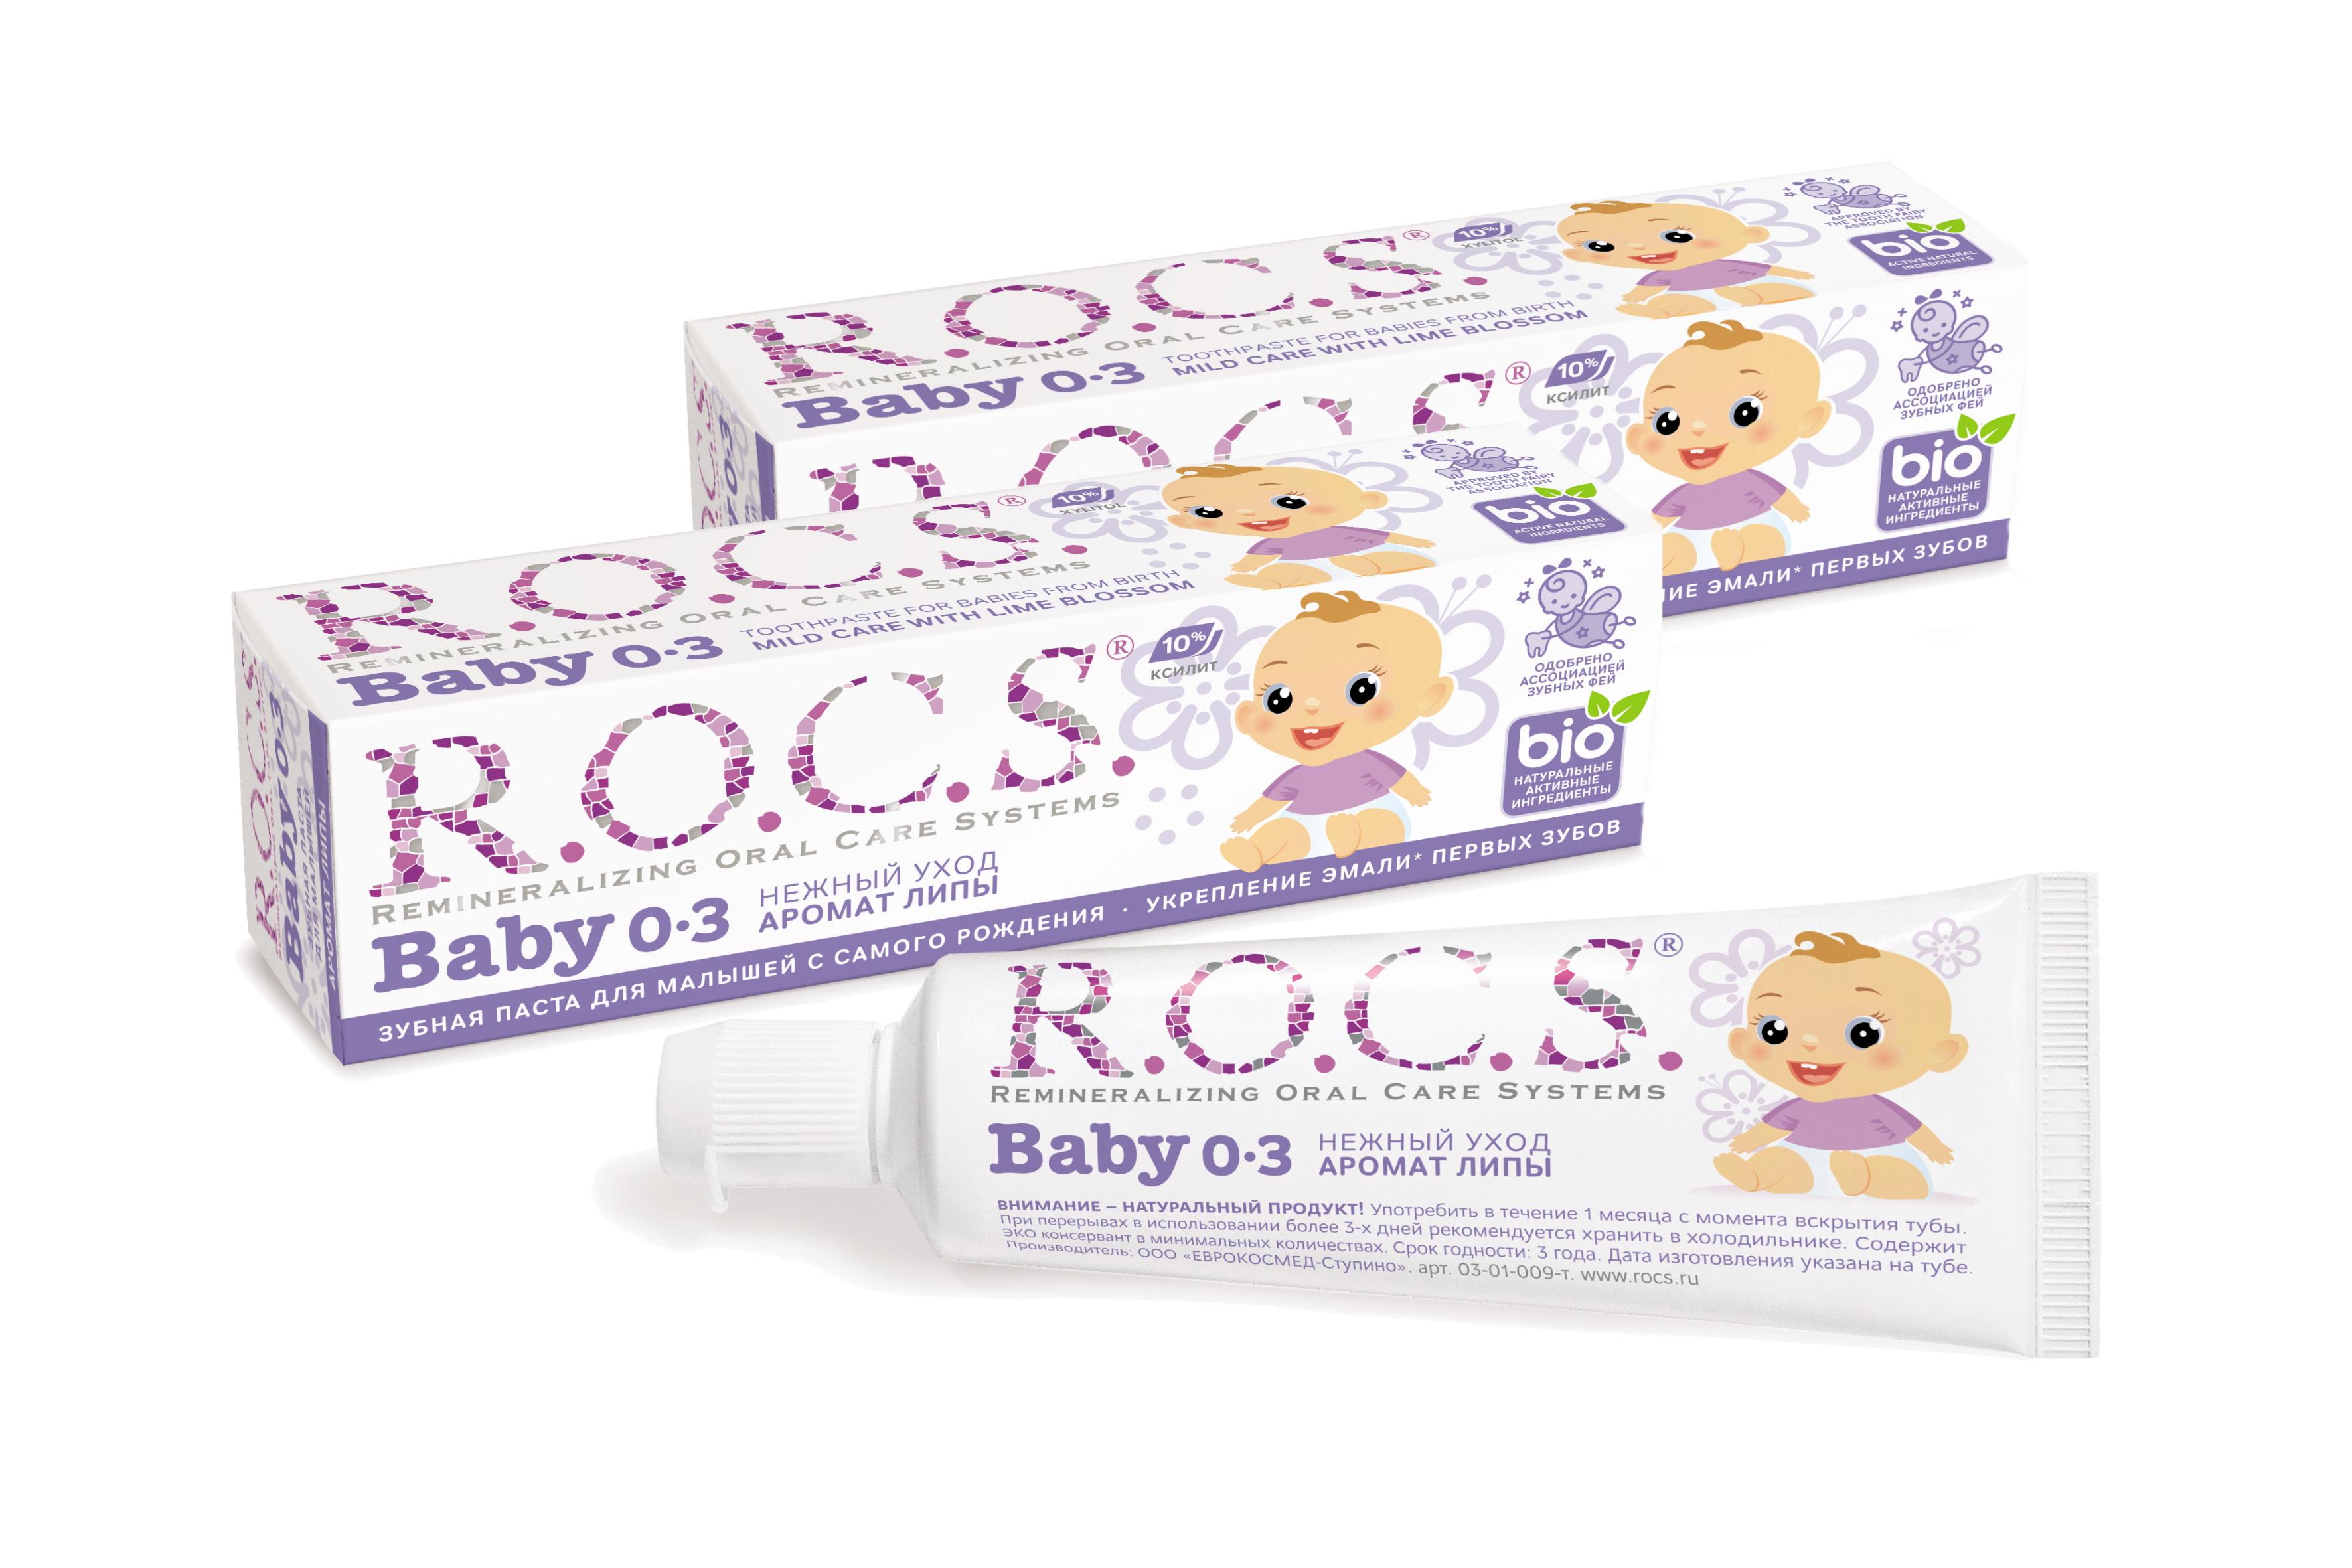 Купить Зубная паста для малышей ROCS BABY АРОМАТ ЛИПЫ, 45 гр (в наборе 2 штуки), R.O.C.S.